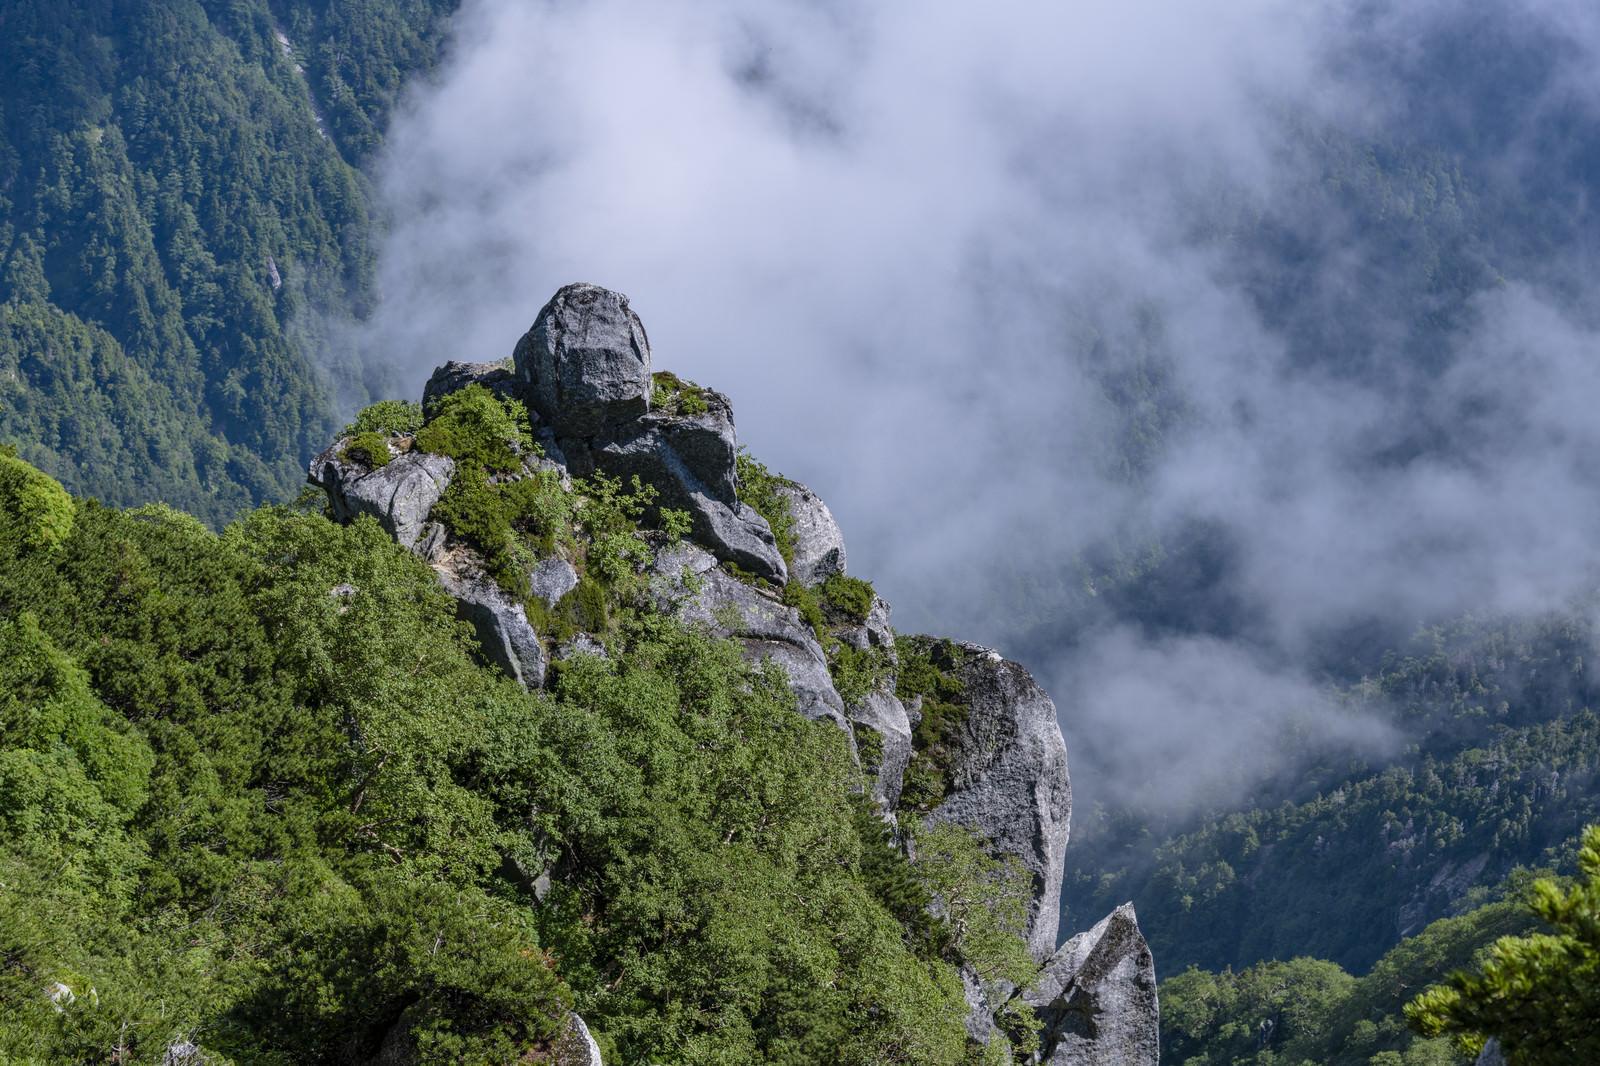 「石峰にかかる雲(空木岳)」の写真